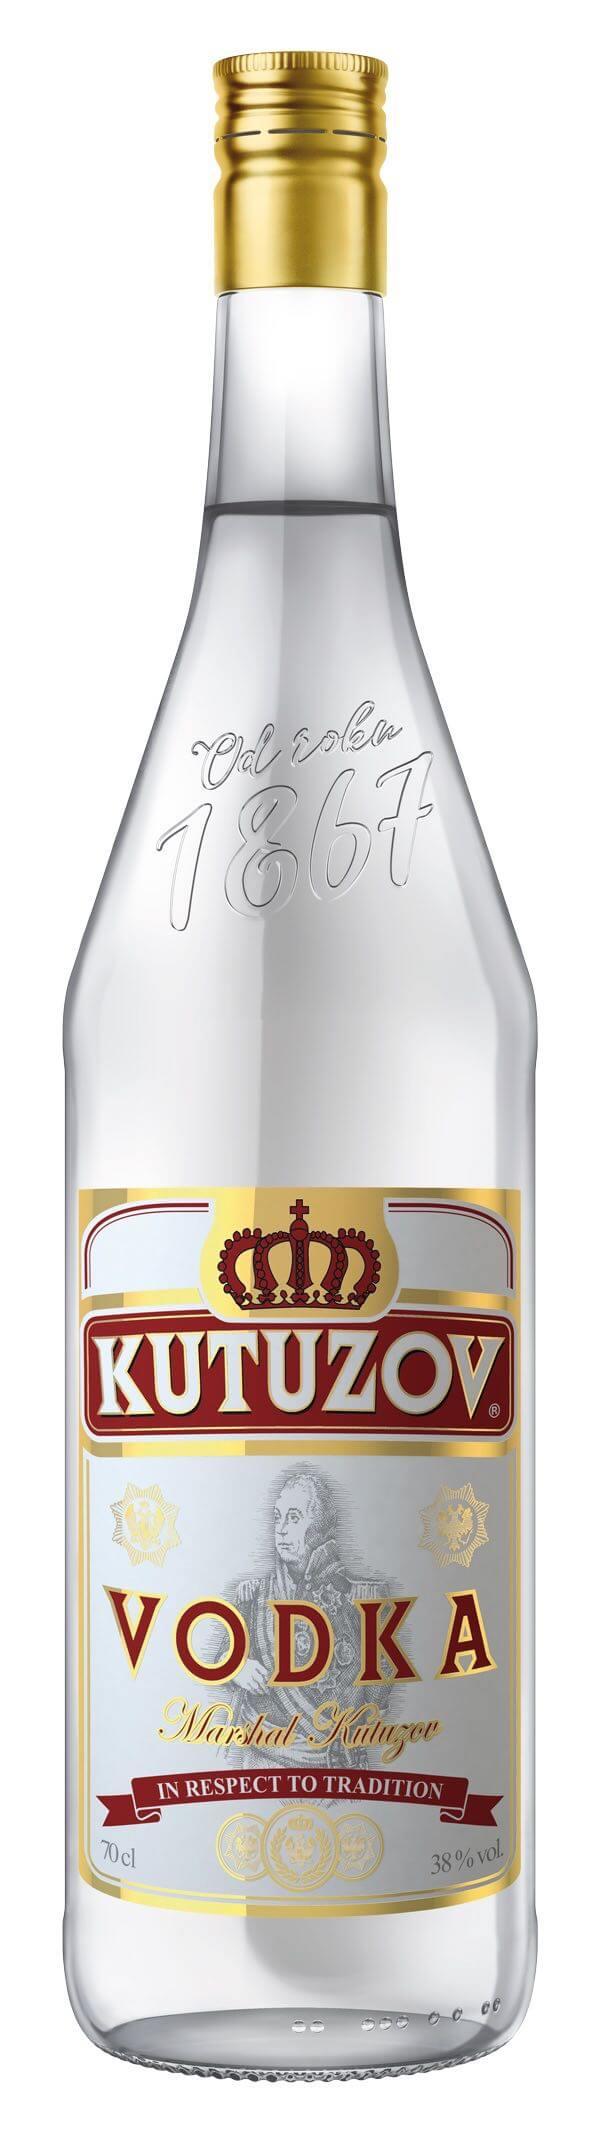 Kutuzov Vodka 38% 0,7l